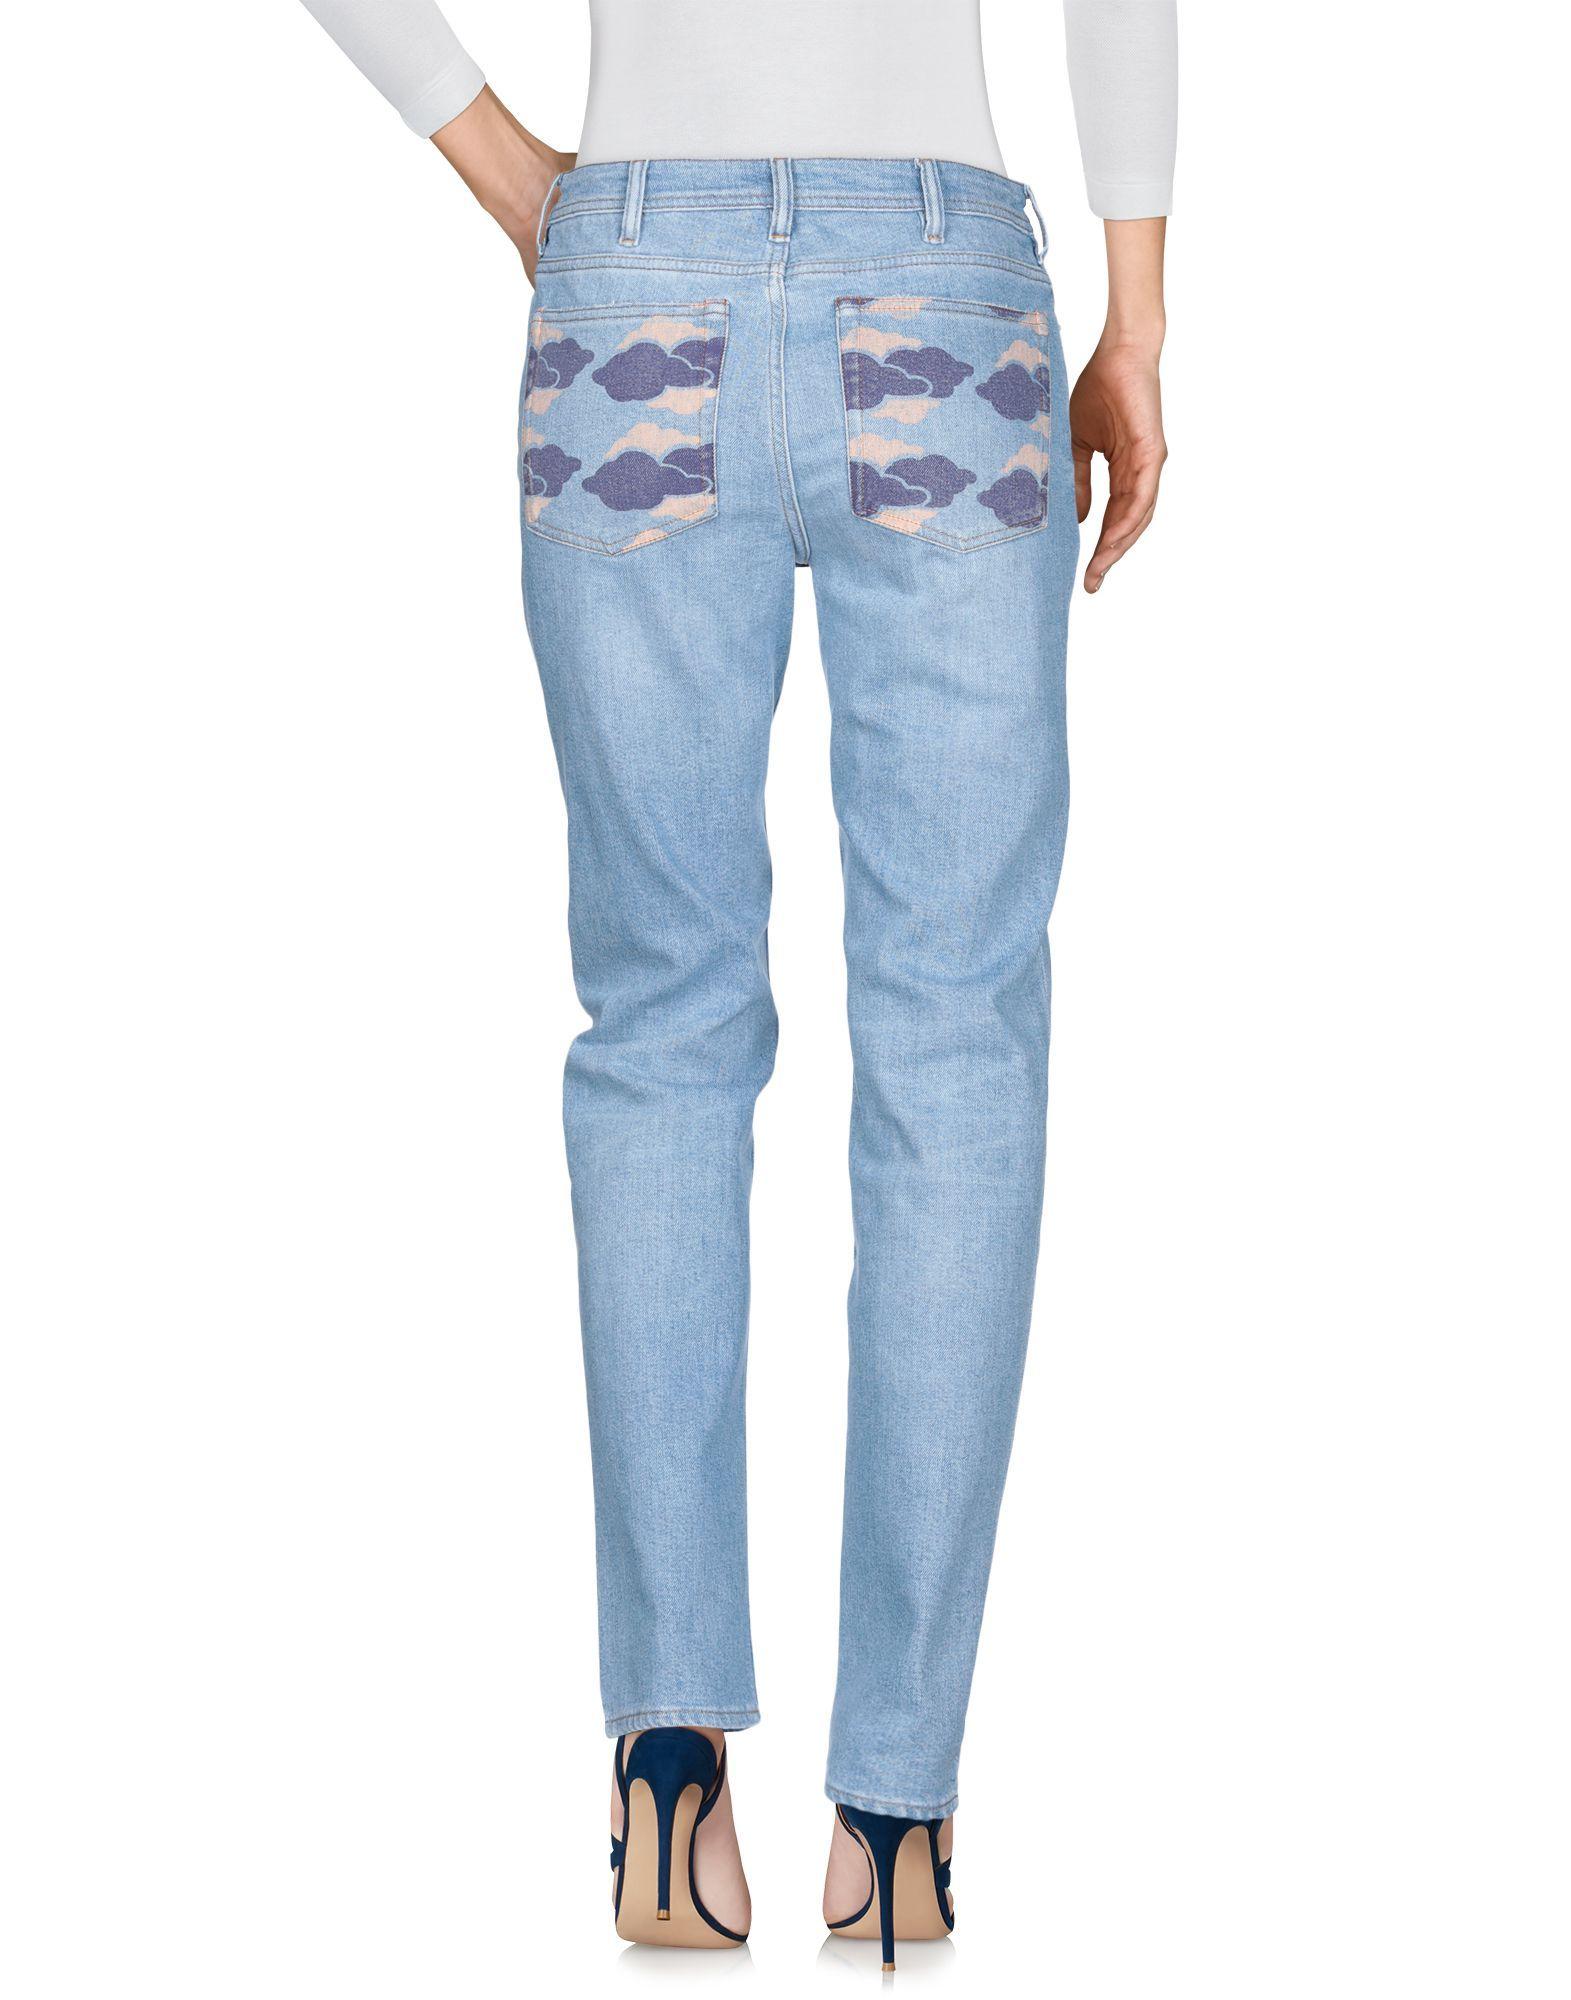 Acne Studios Bla Konst Blue Cotton Jeans